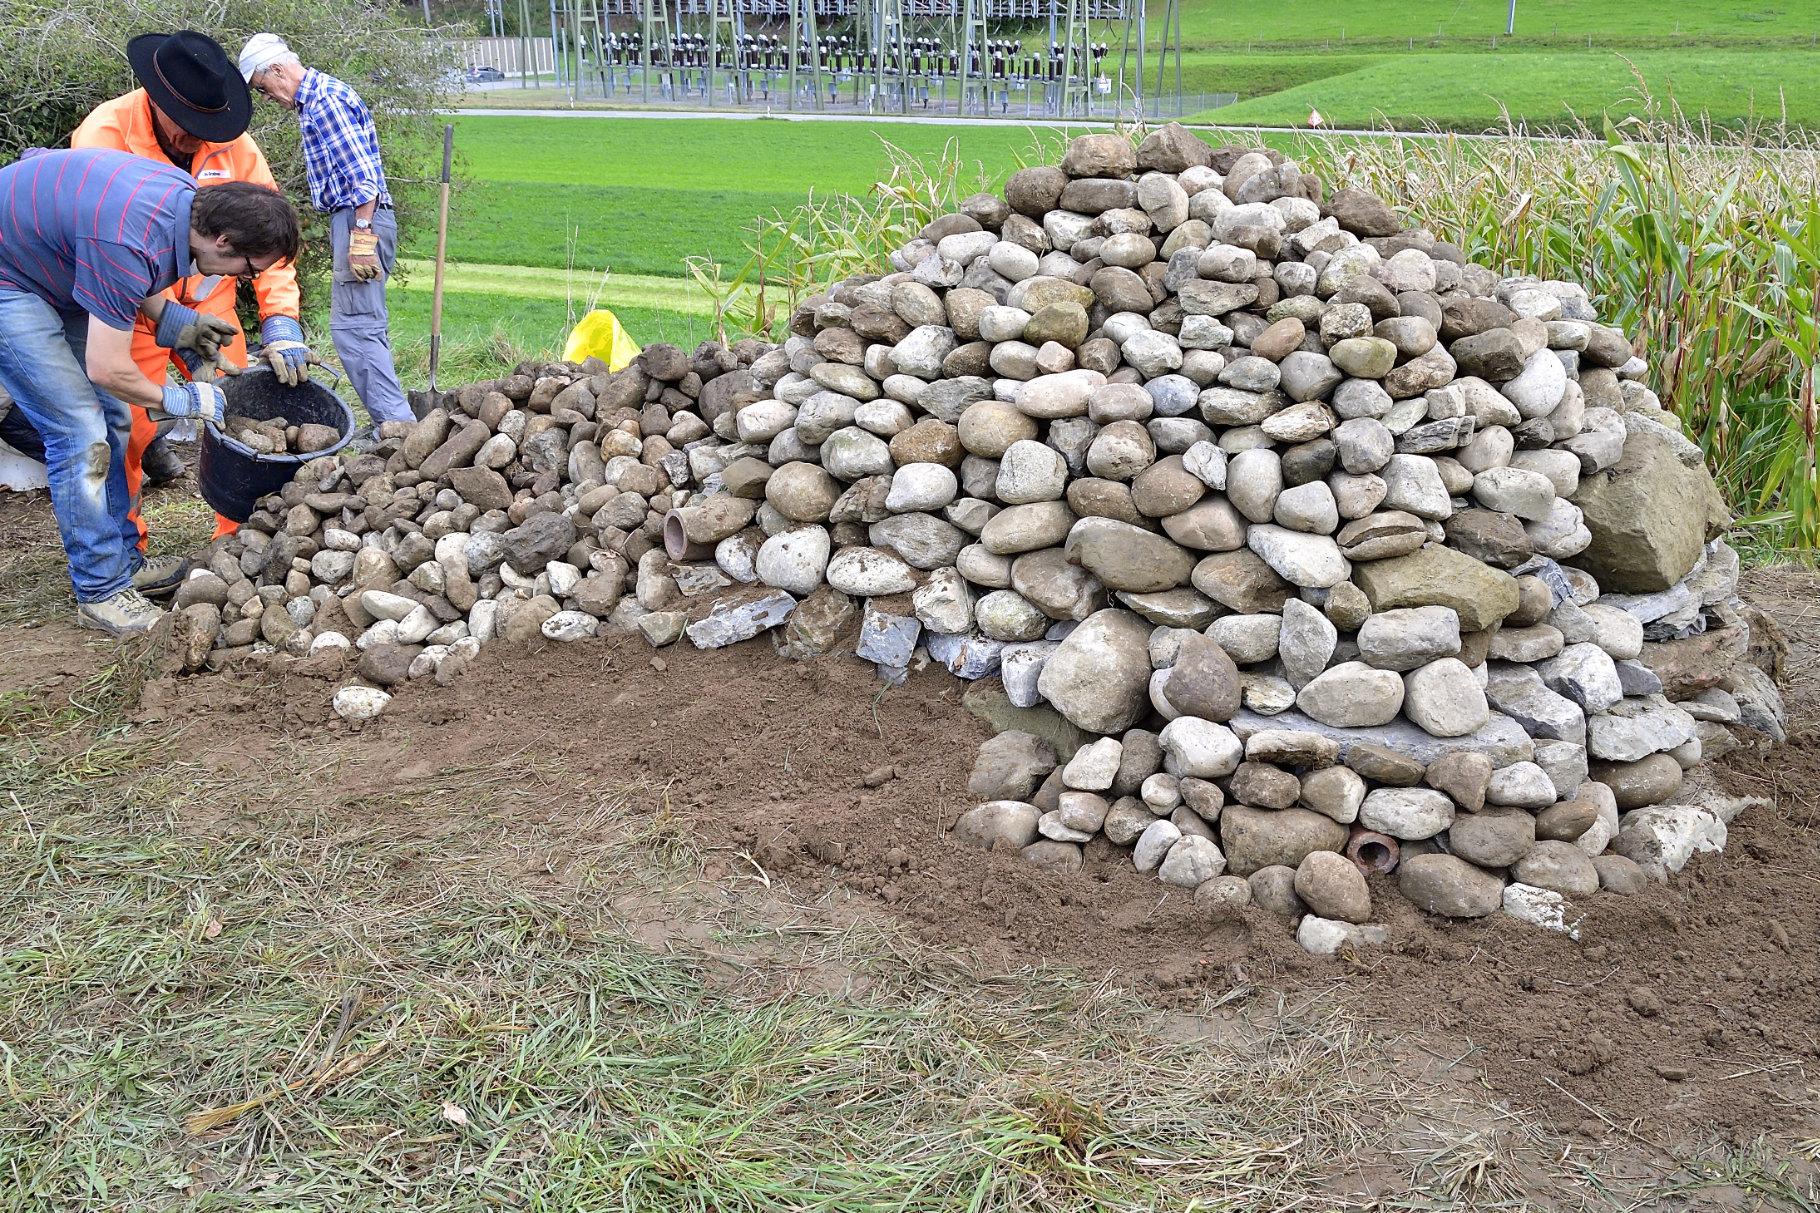 Steinhaufen wächst zur endgültigen Grösse